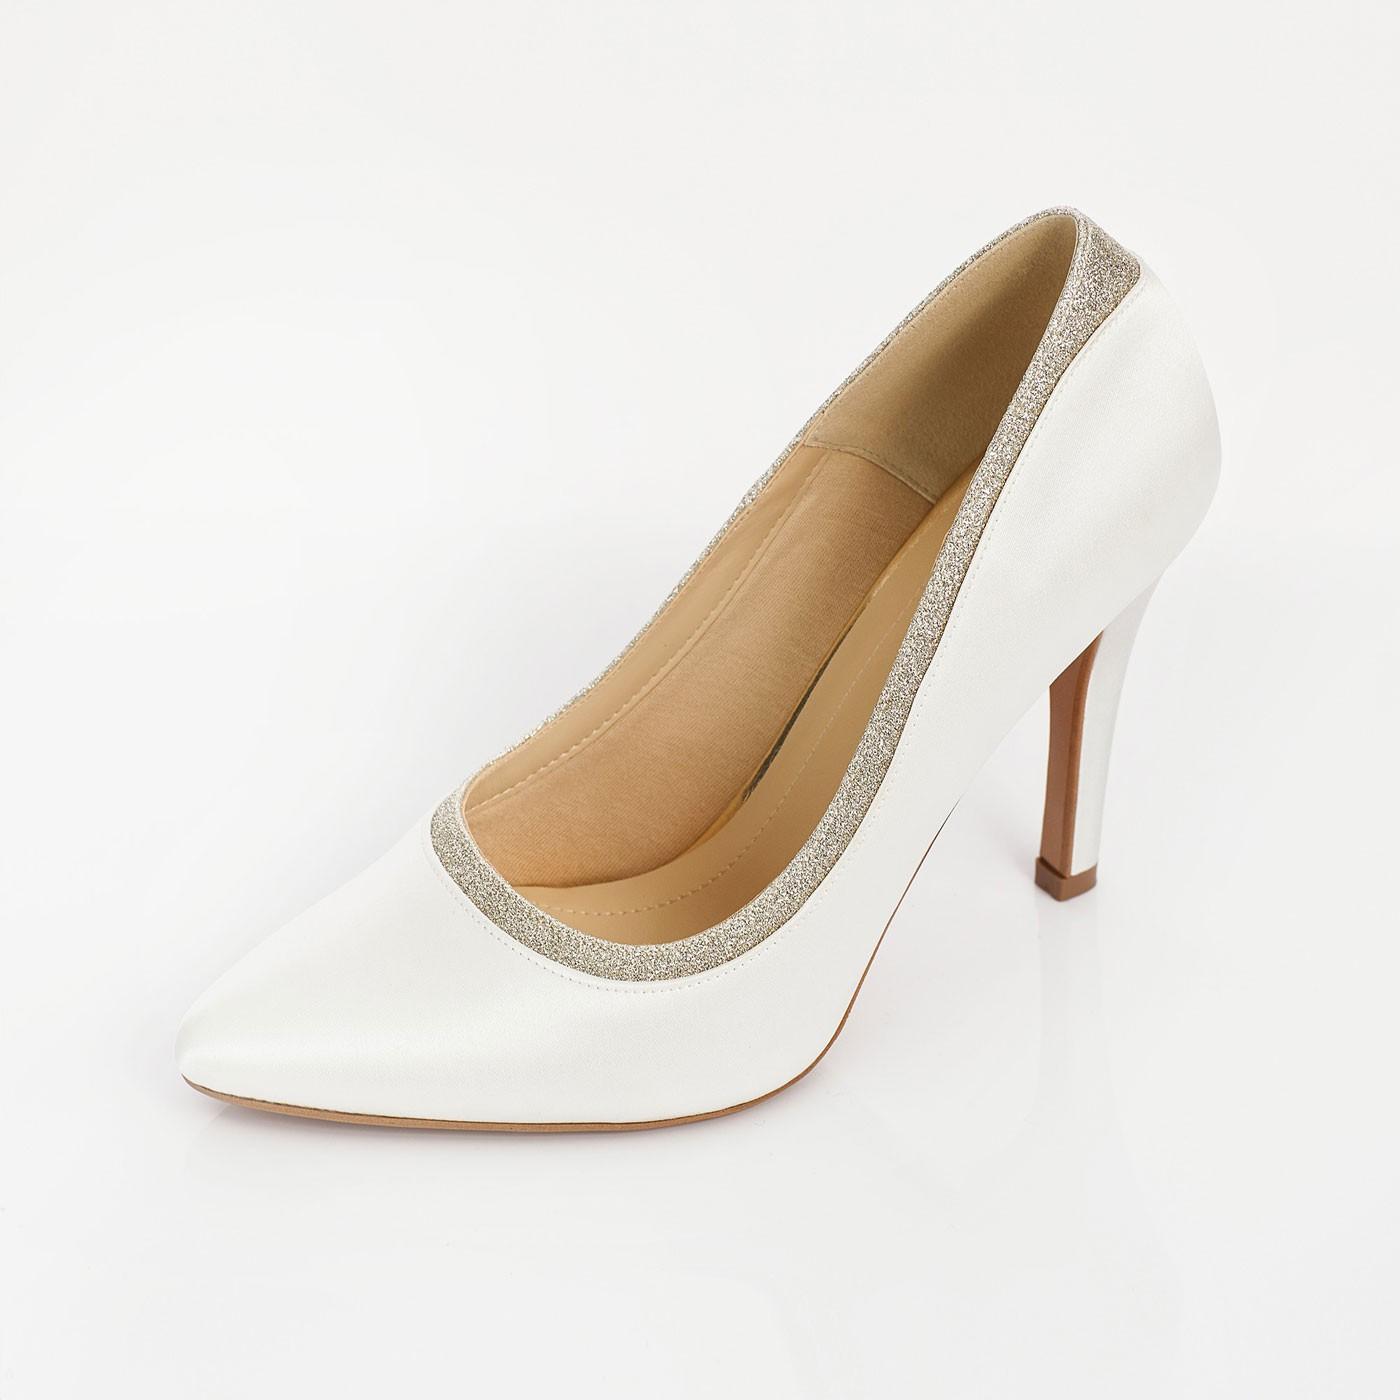 c60a67818c Svadobné topánky - nové